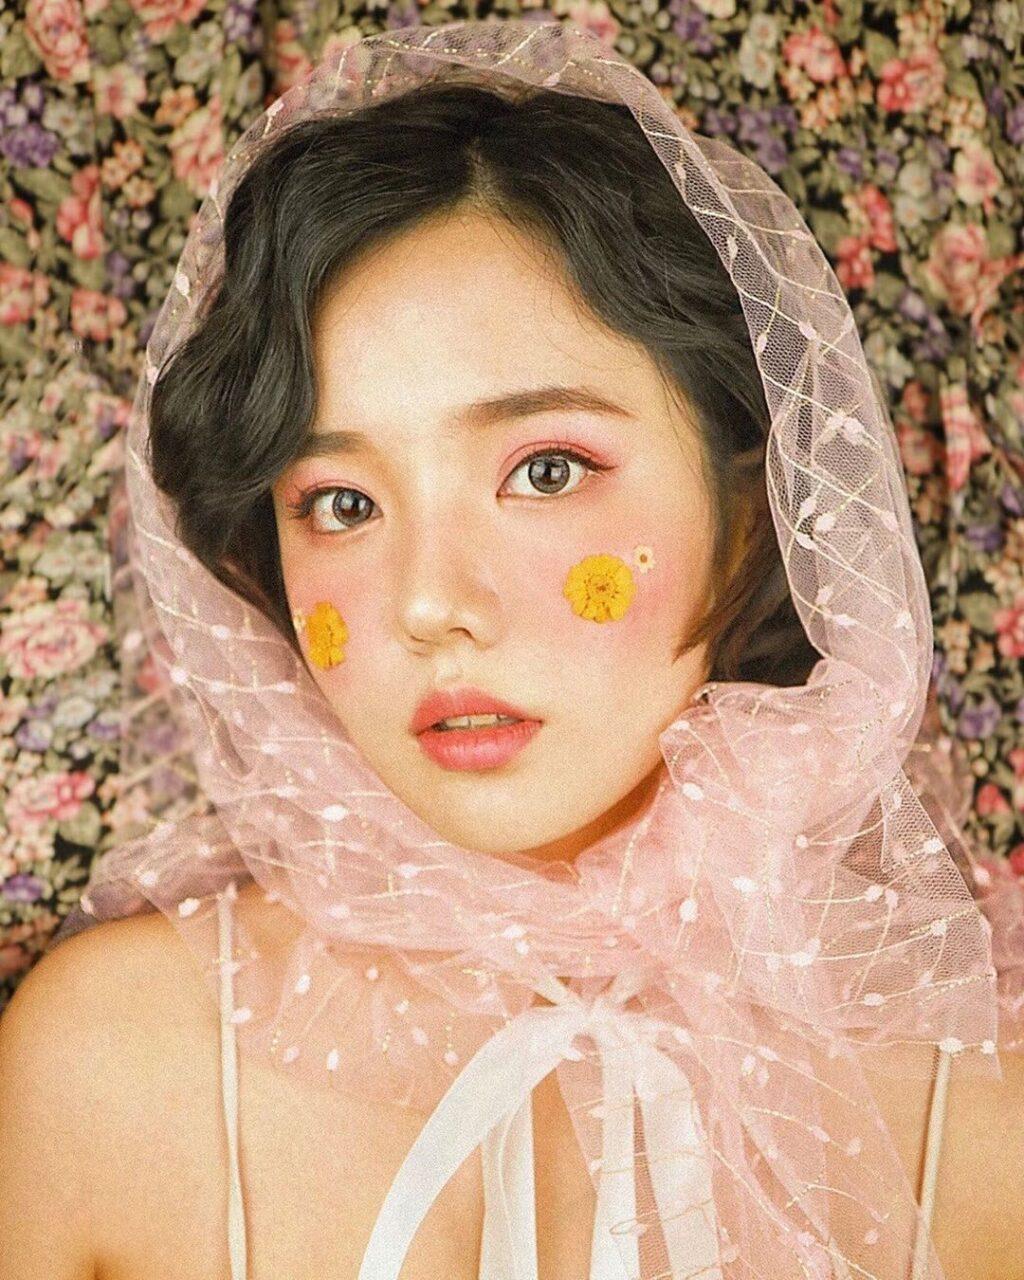 目指せ、不動のセンター顔♡誰もが憧れる韓国美人「アイリーンメイク」のやり方